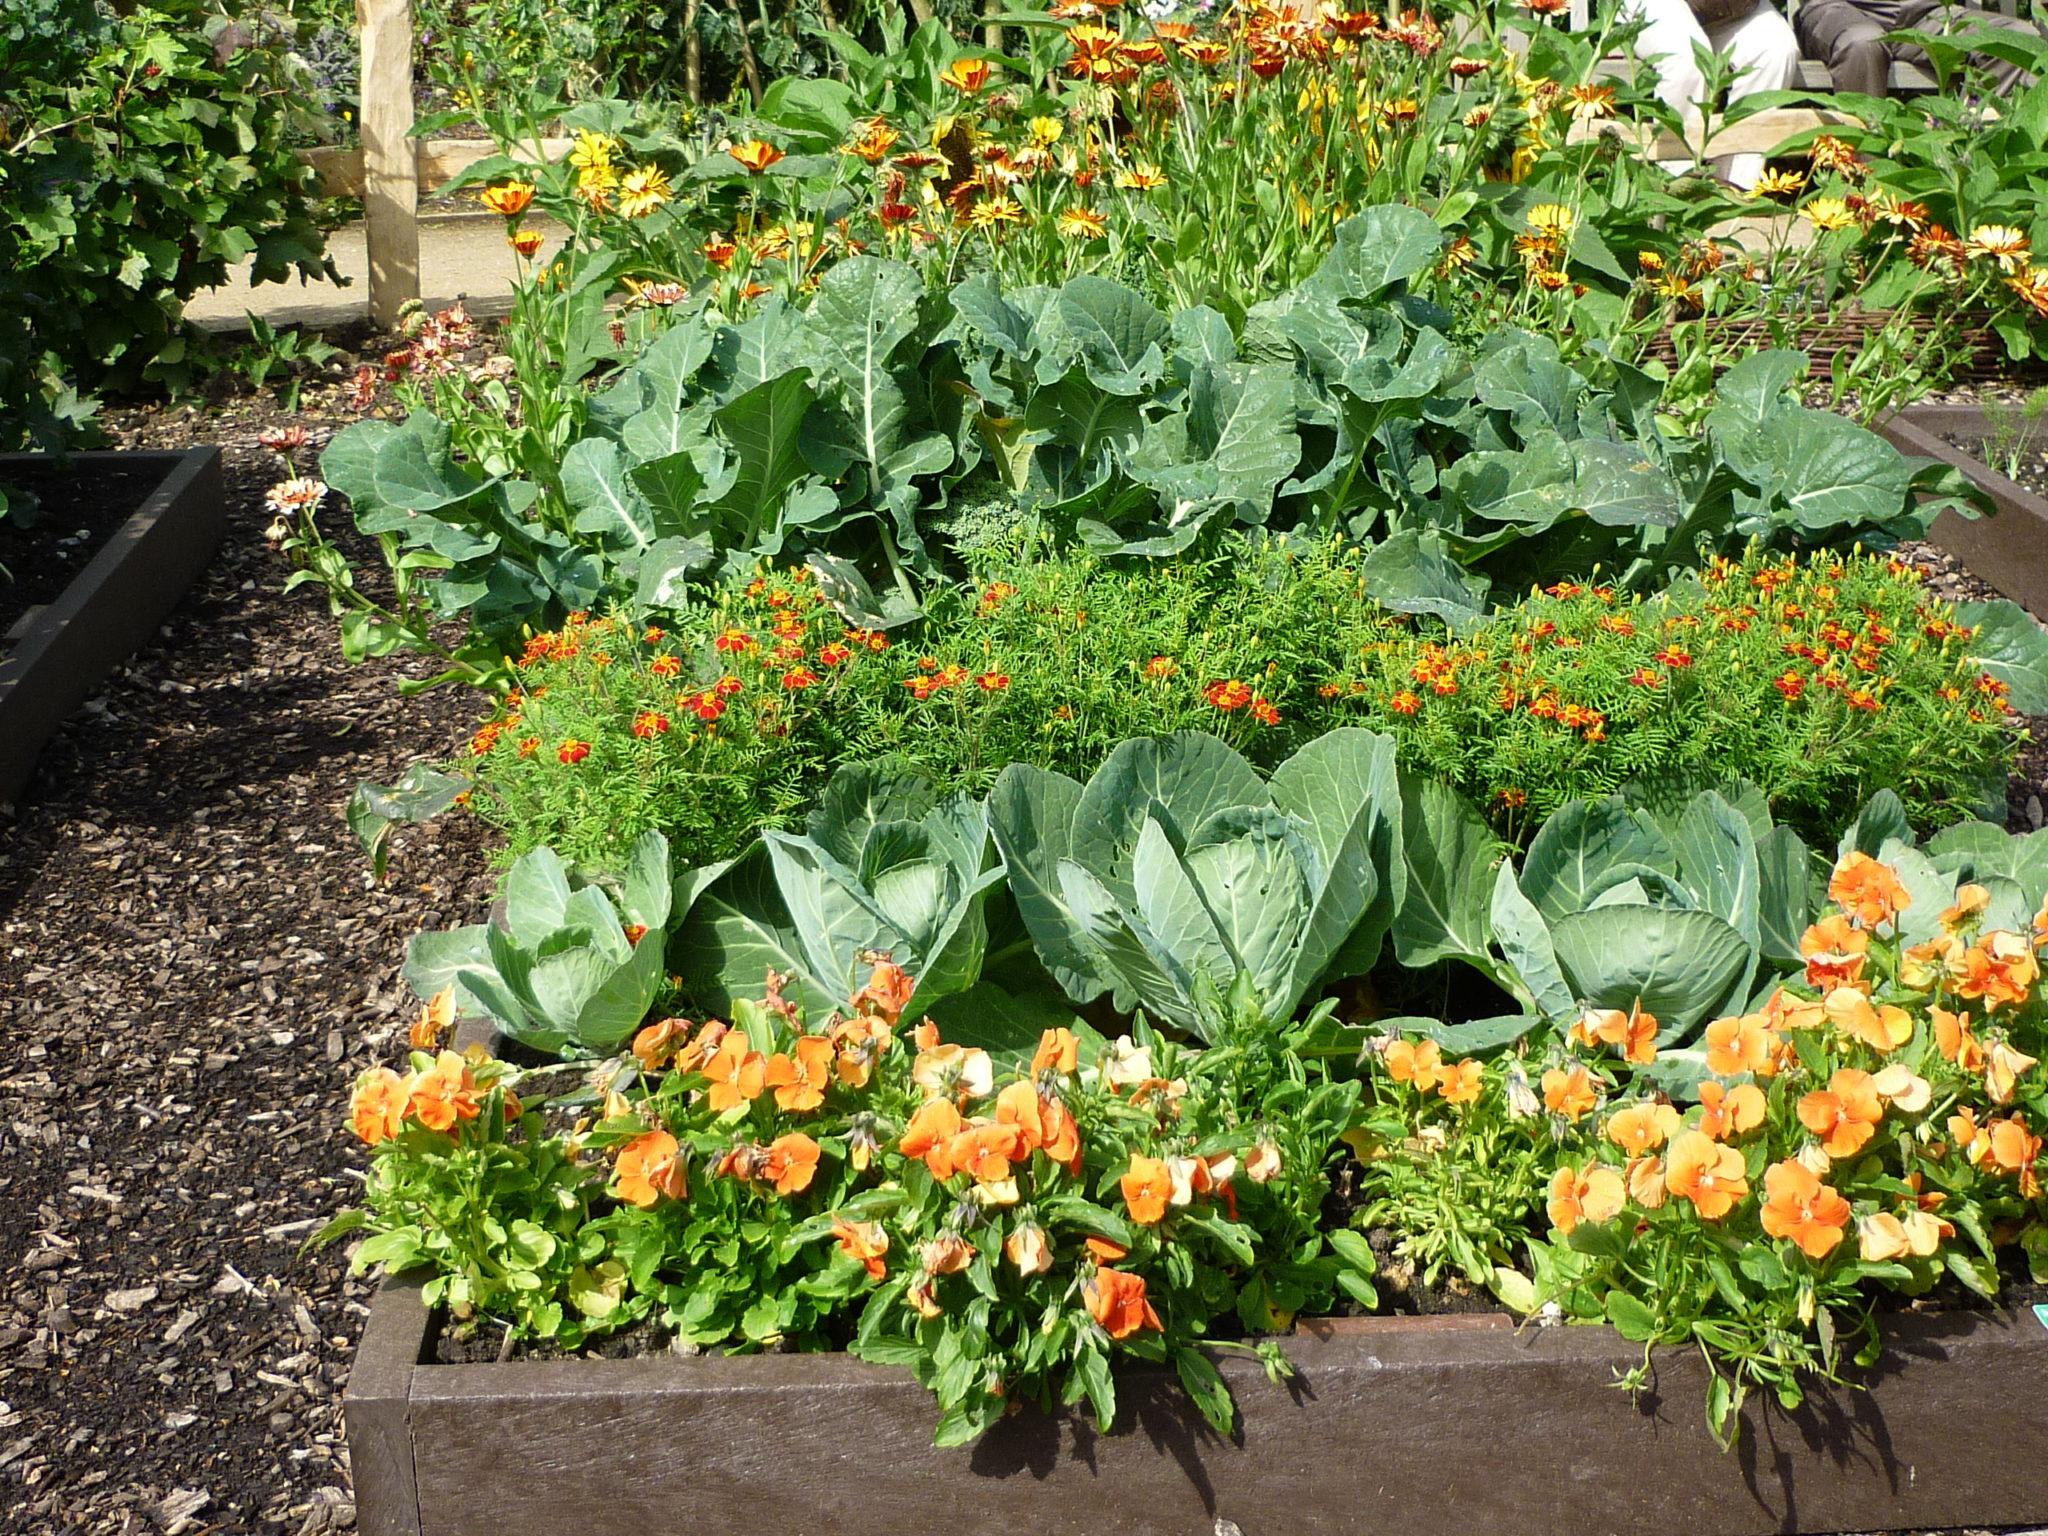 Соседство овощей на грядках: что с чем можно сажать 15